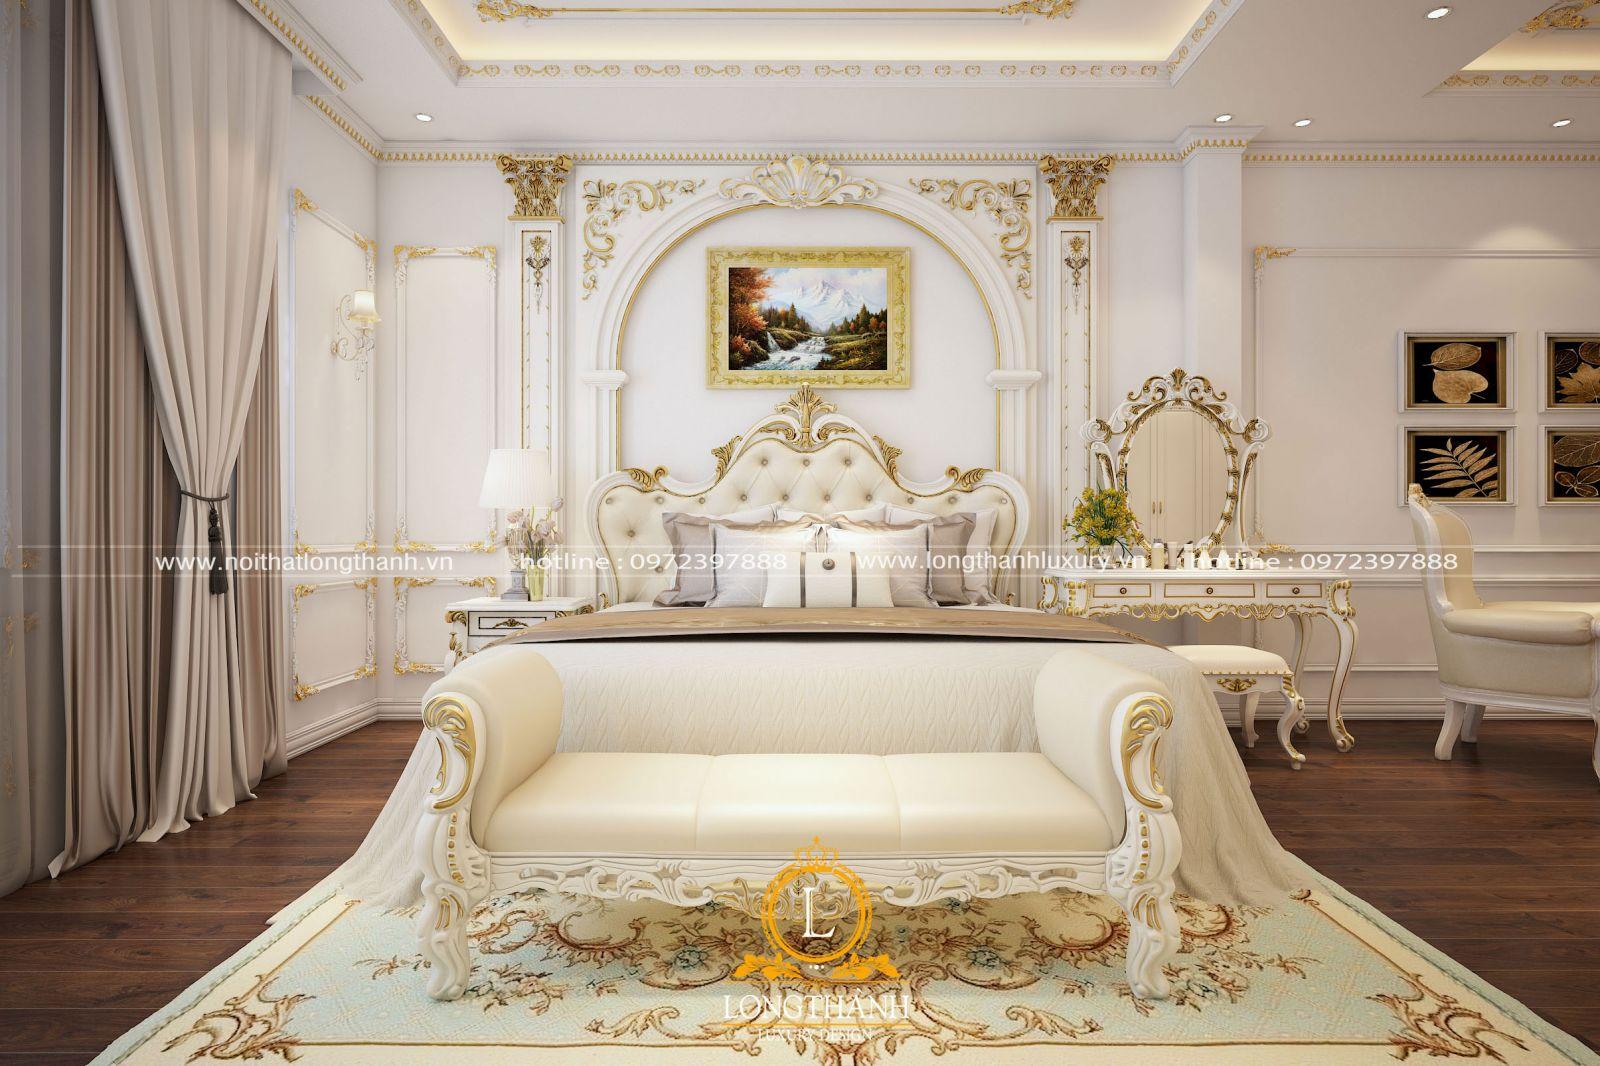 Phòng ngủ sơn trắng sữa lộng lẫy